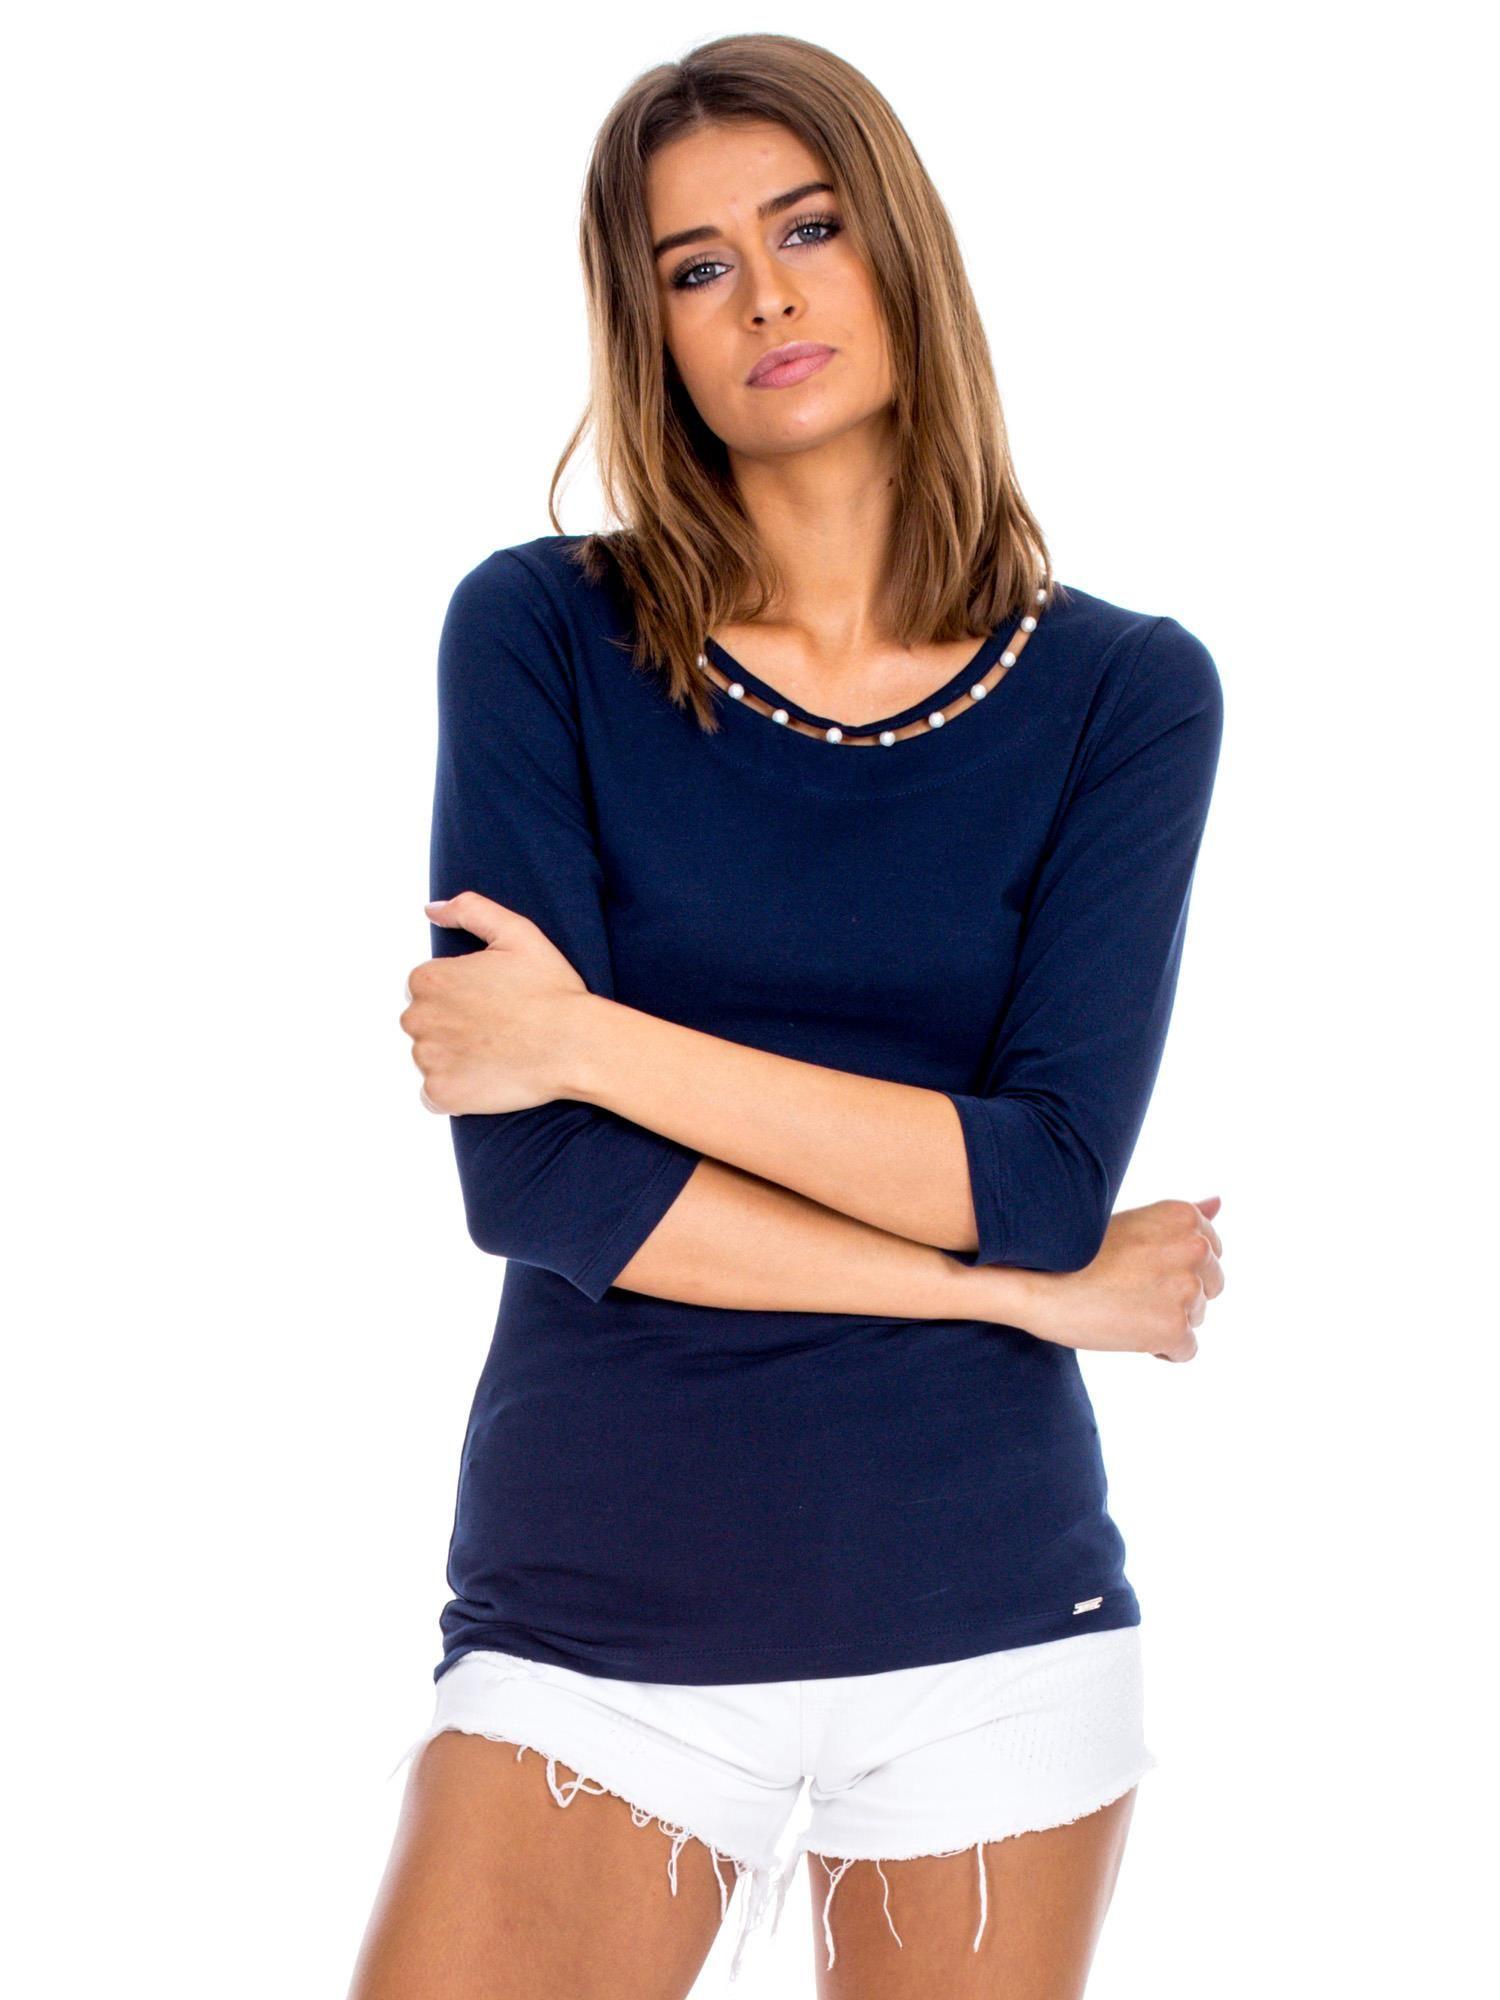 272f33f64fbea5 Granatowa bluzka z perełkami przy dekolcie - Bluzka na co dzień ...